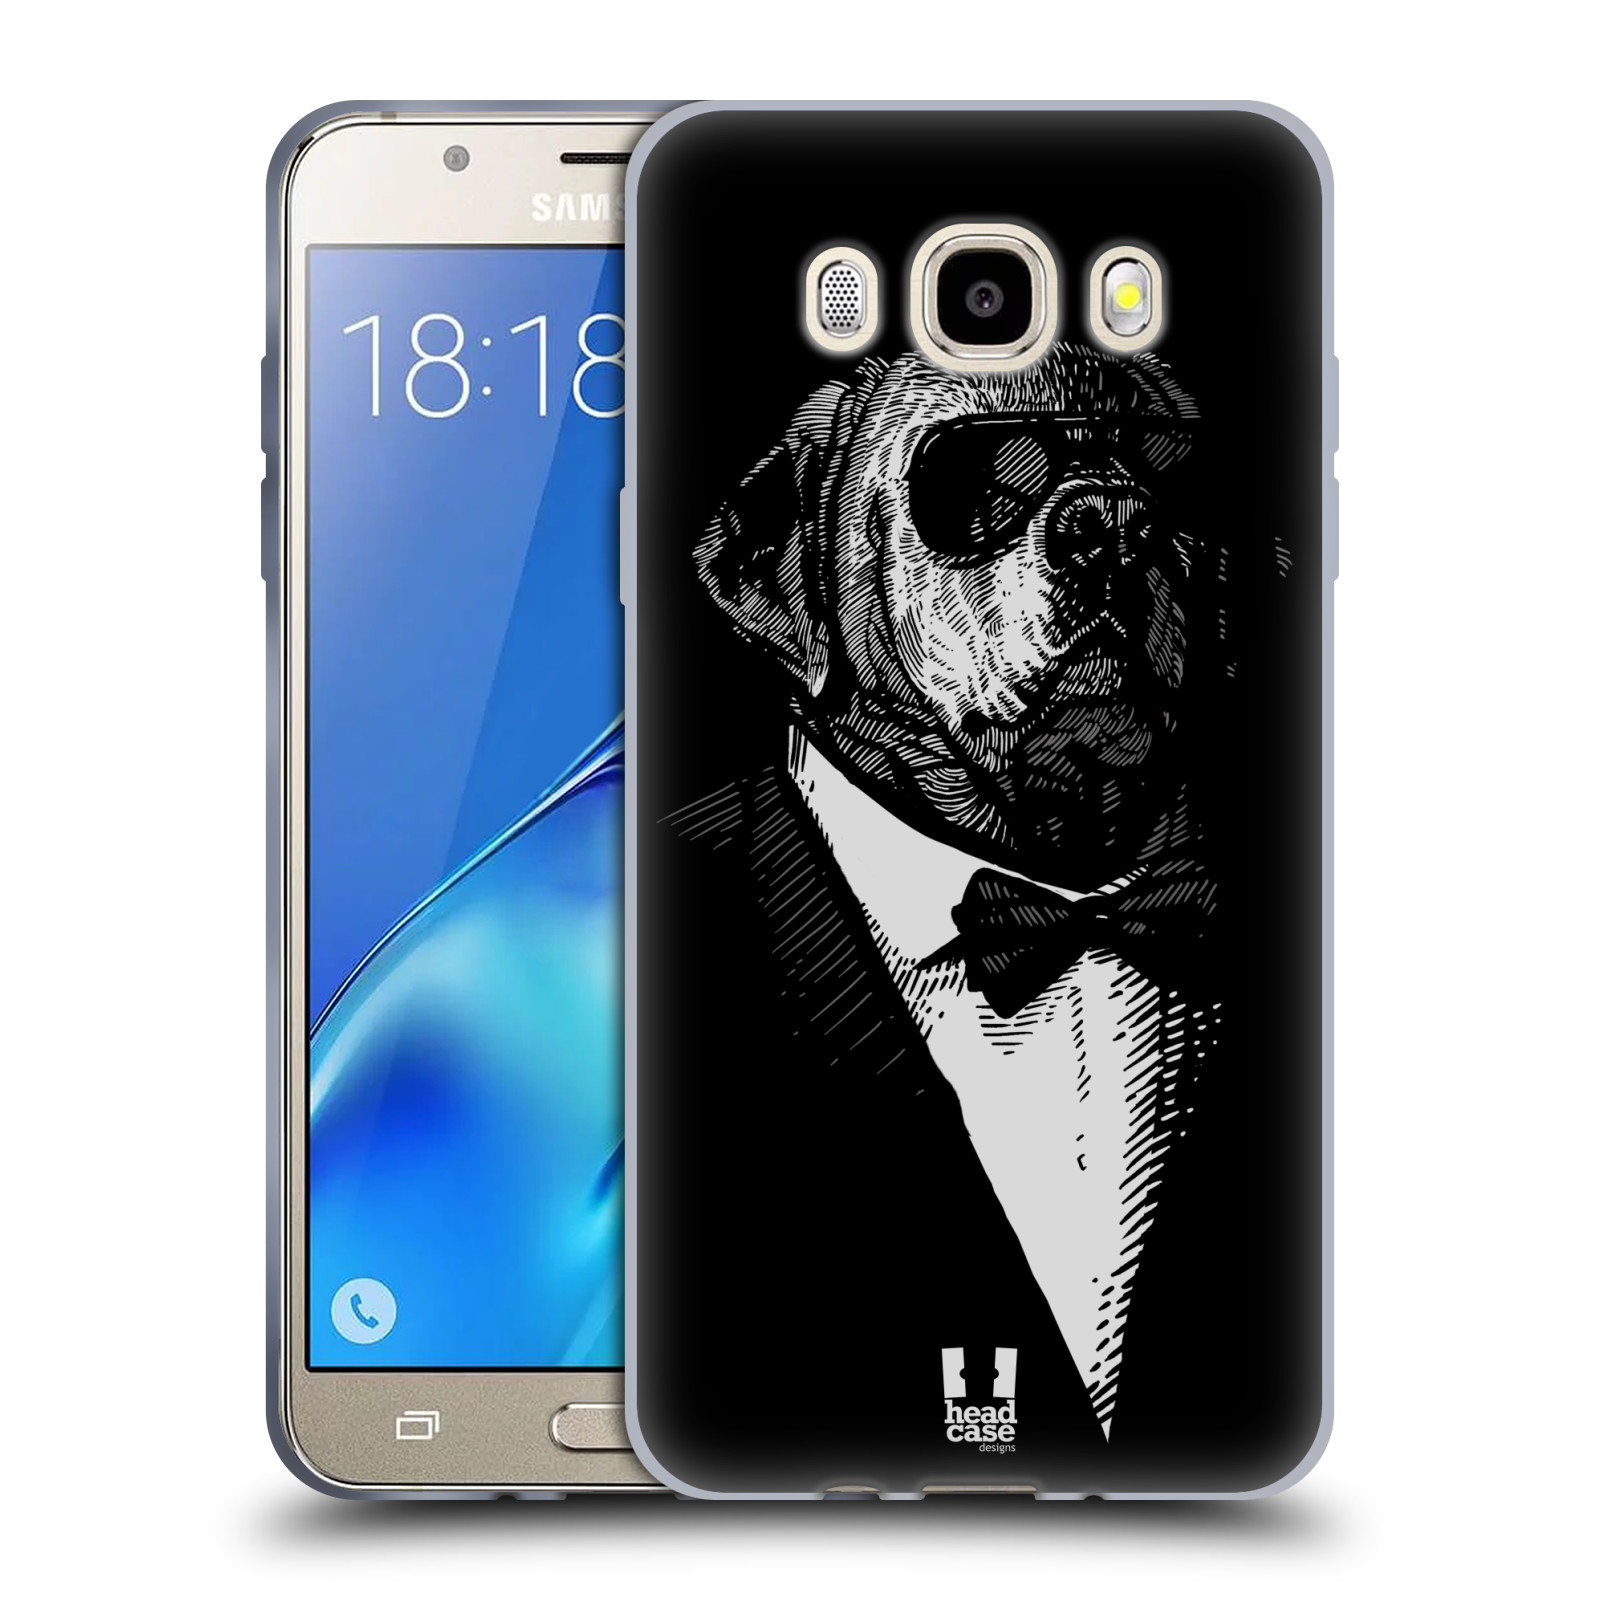 HEAD CASE silikonový obal, kryt na mobil Samsung Galaxy J5 2016, J510, J510F, (J510F DUAL SIM) vzor Zvíře v obleku pes